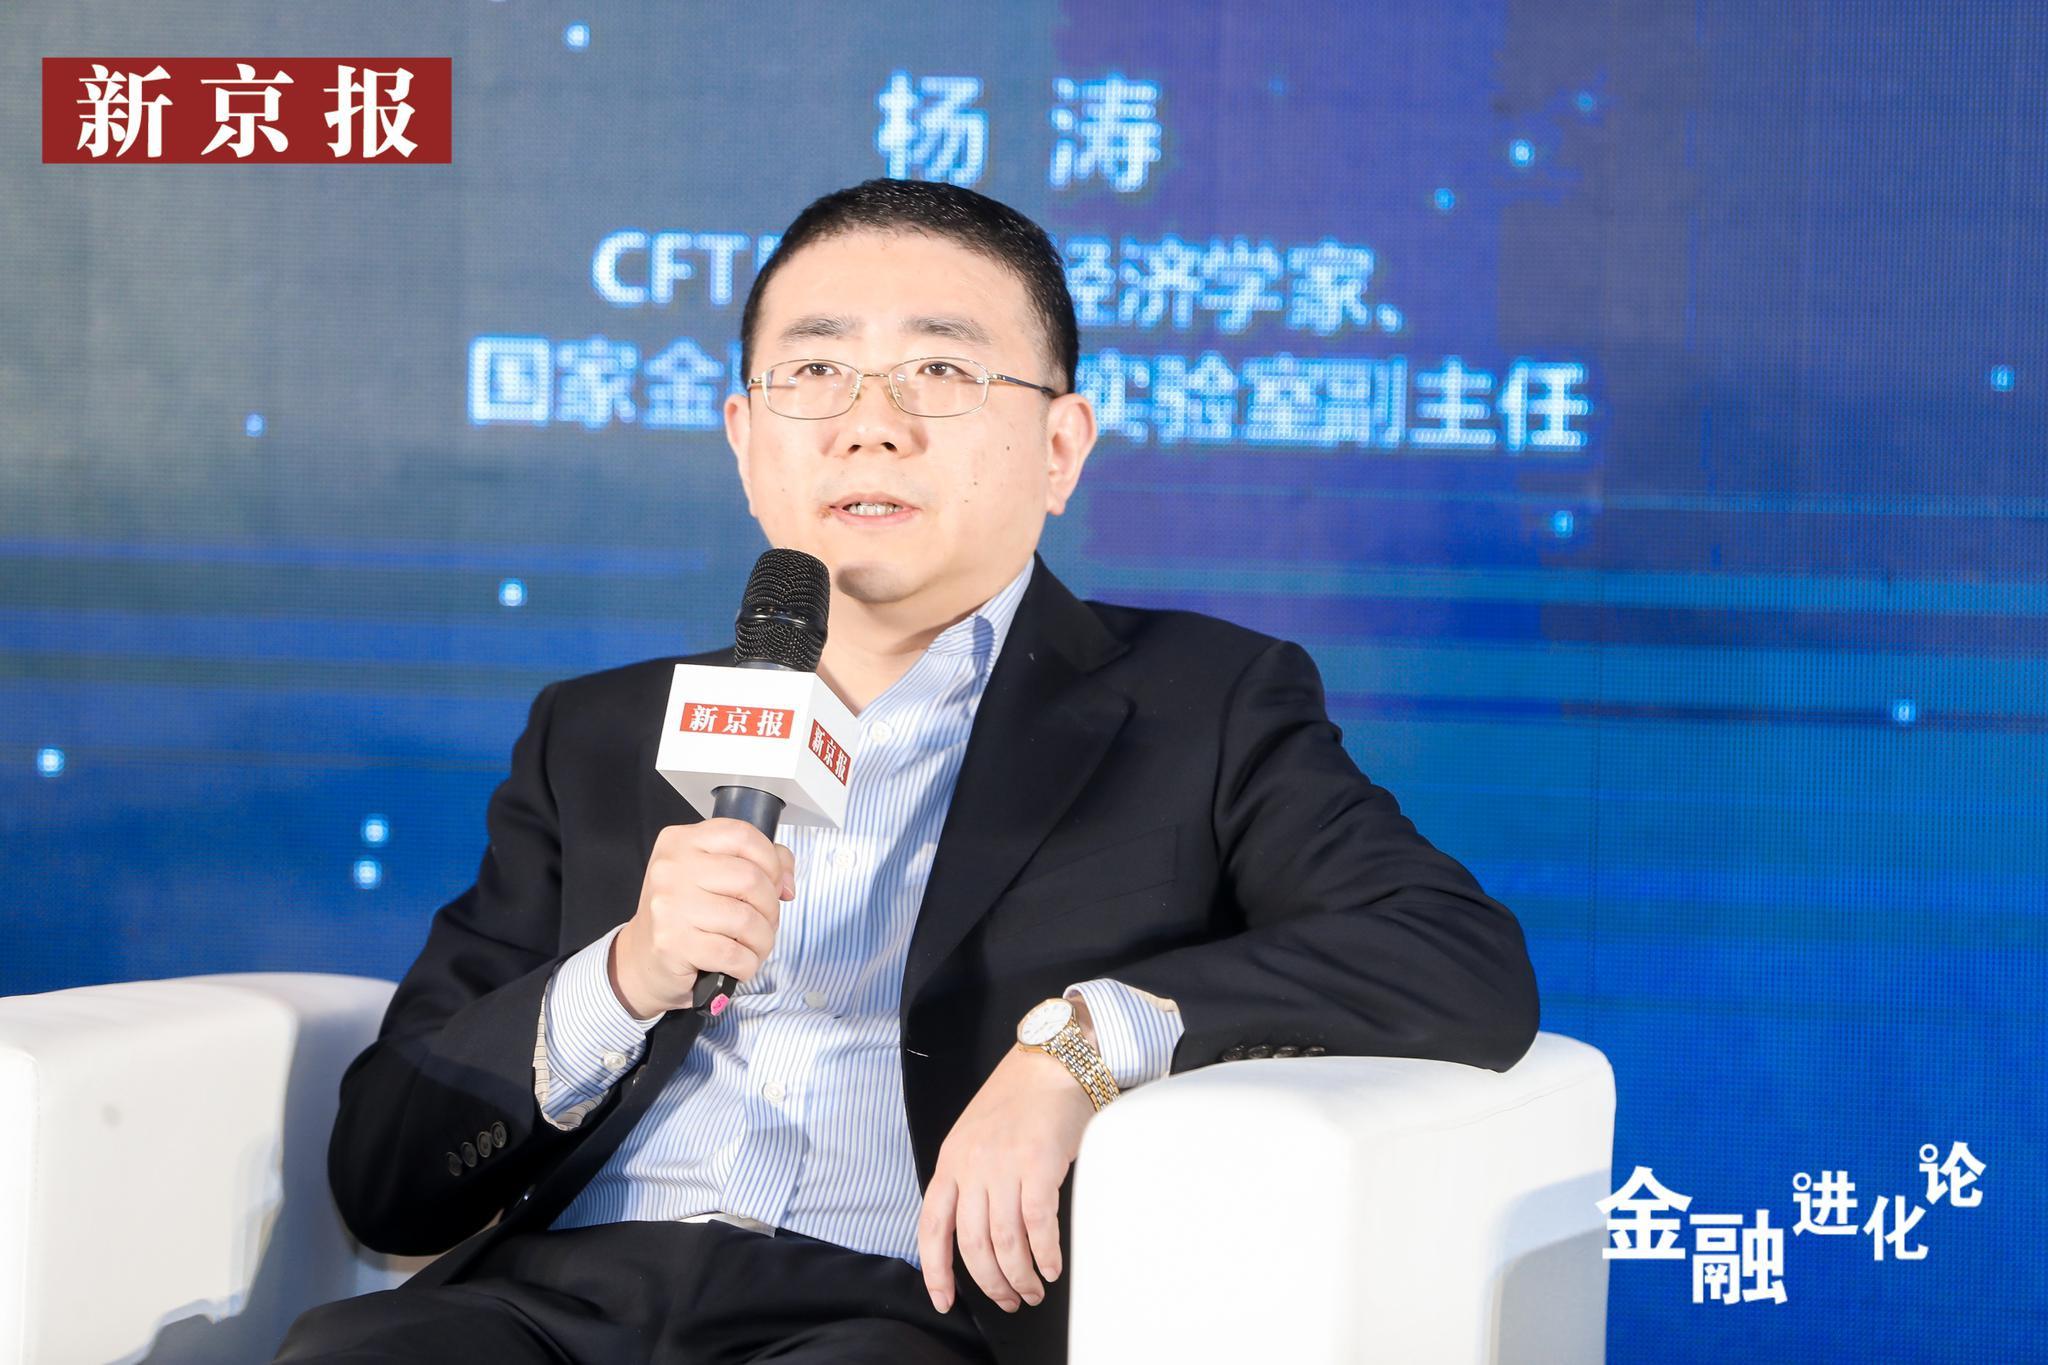 华人城屏蔽 - 央行超量续作3000亿元MLF 连续19个工作日暂停逆回购